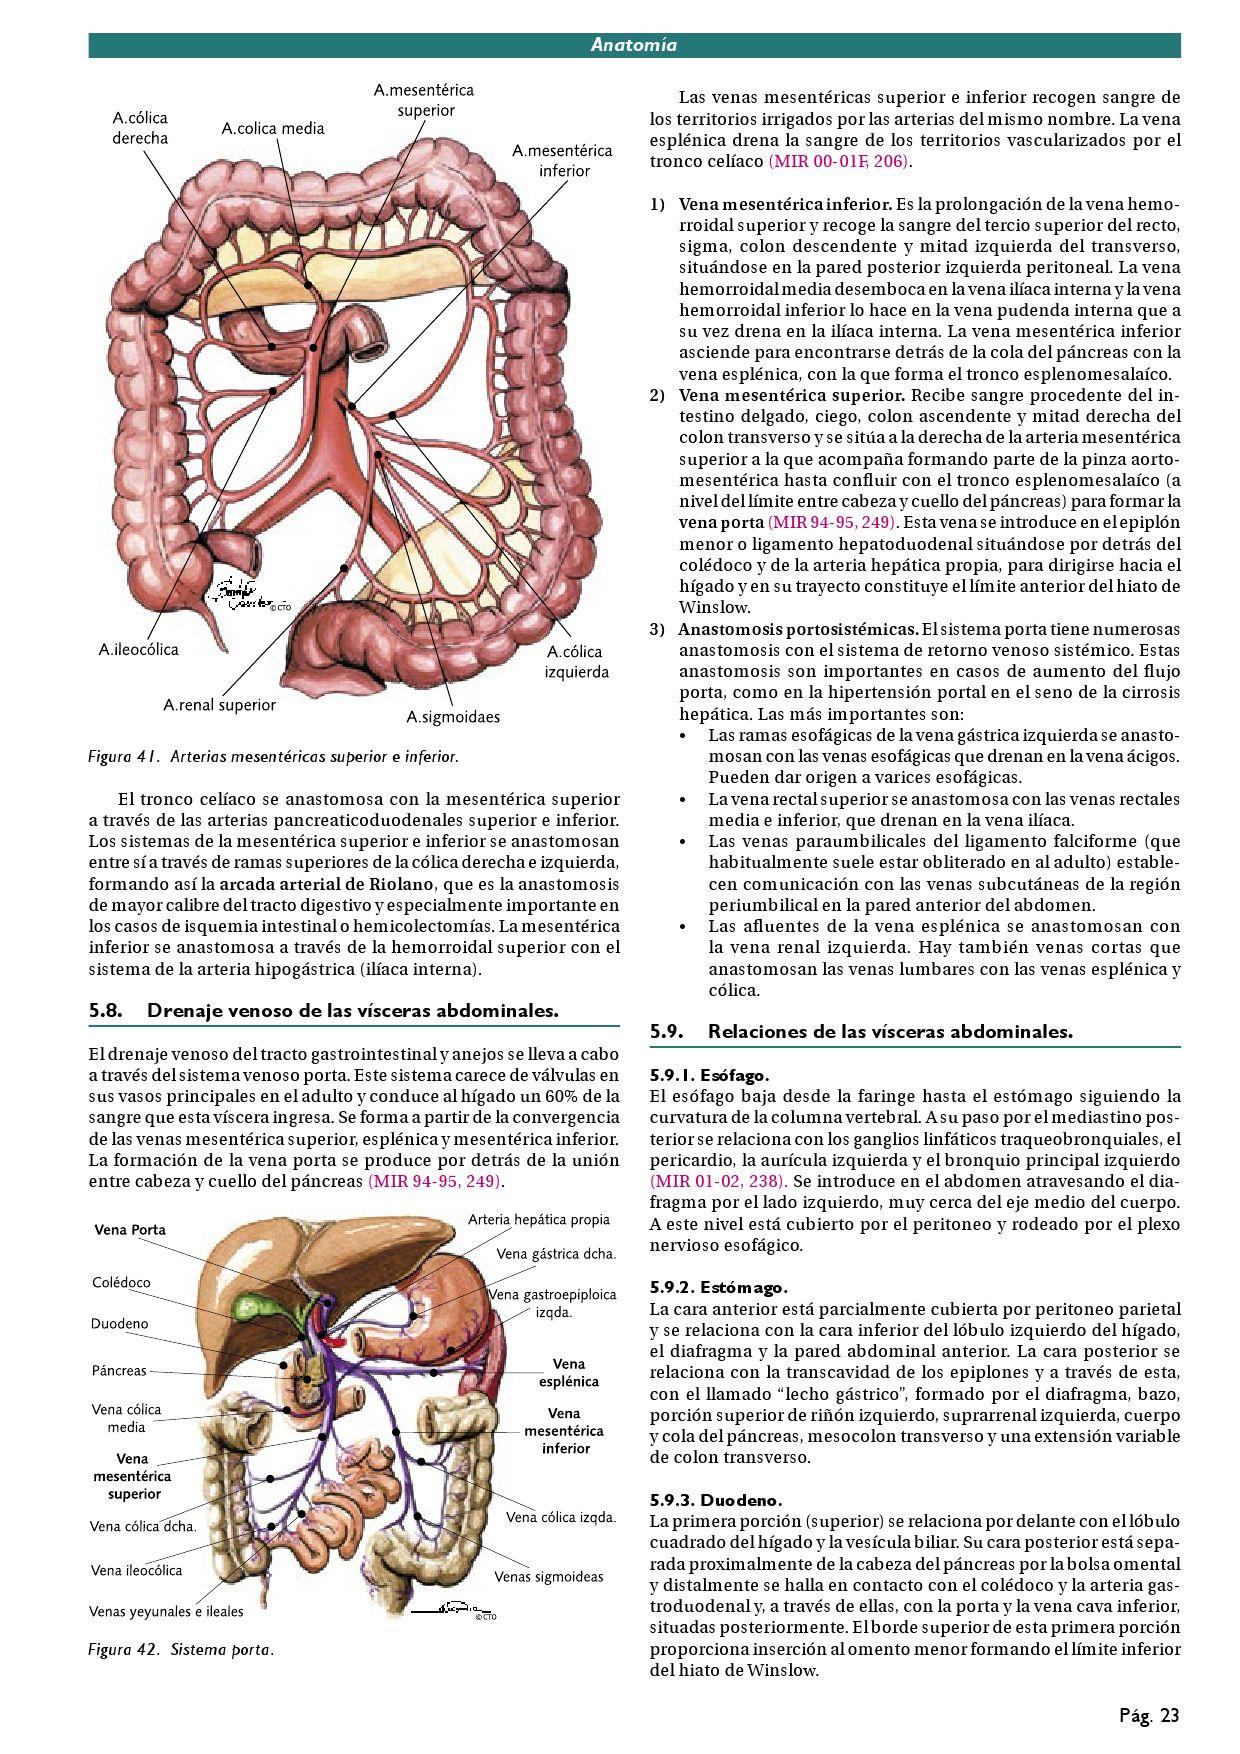 Vena esplénica izquierda hipertensión de la vena renal